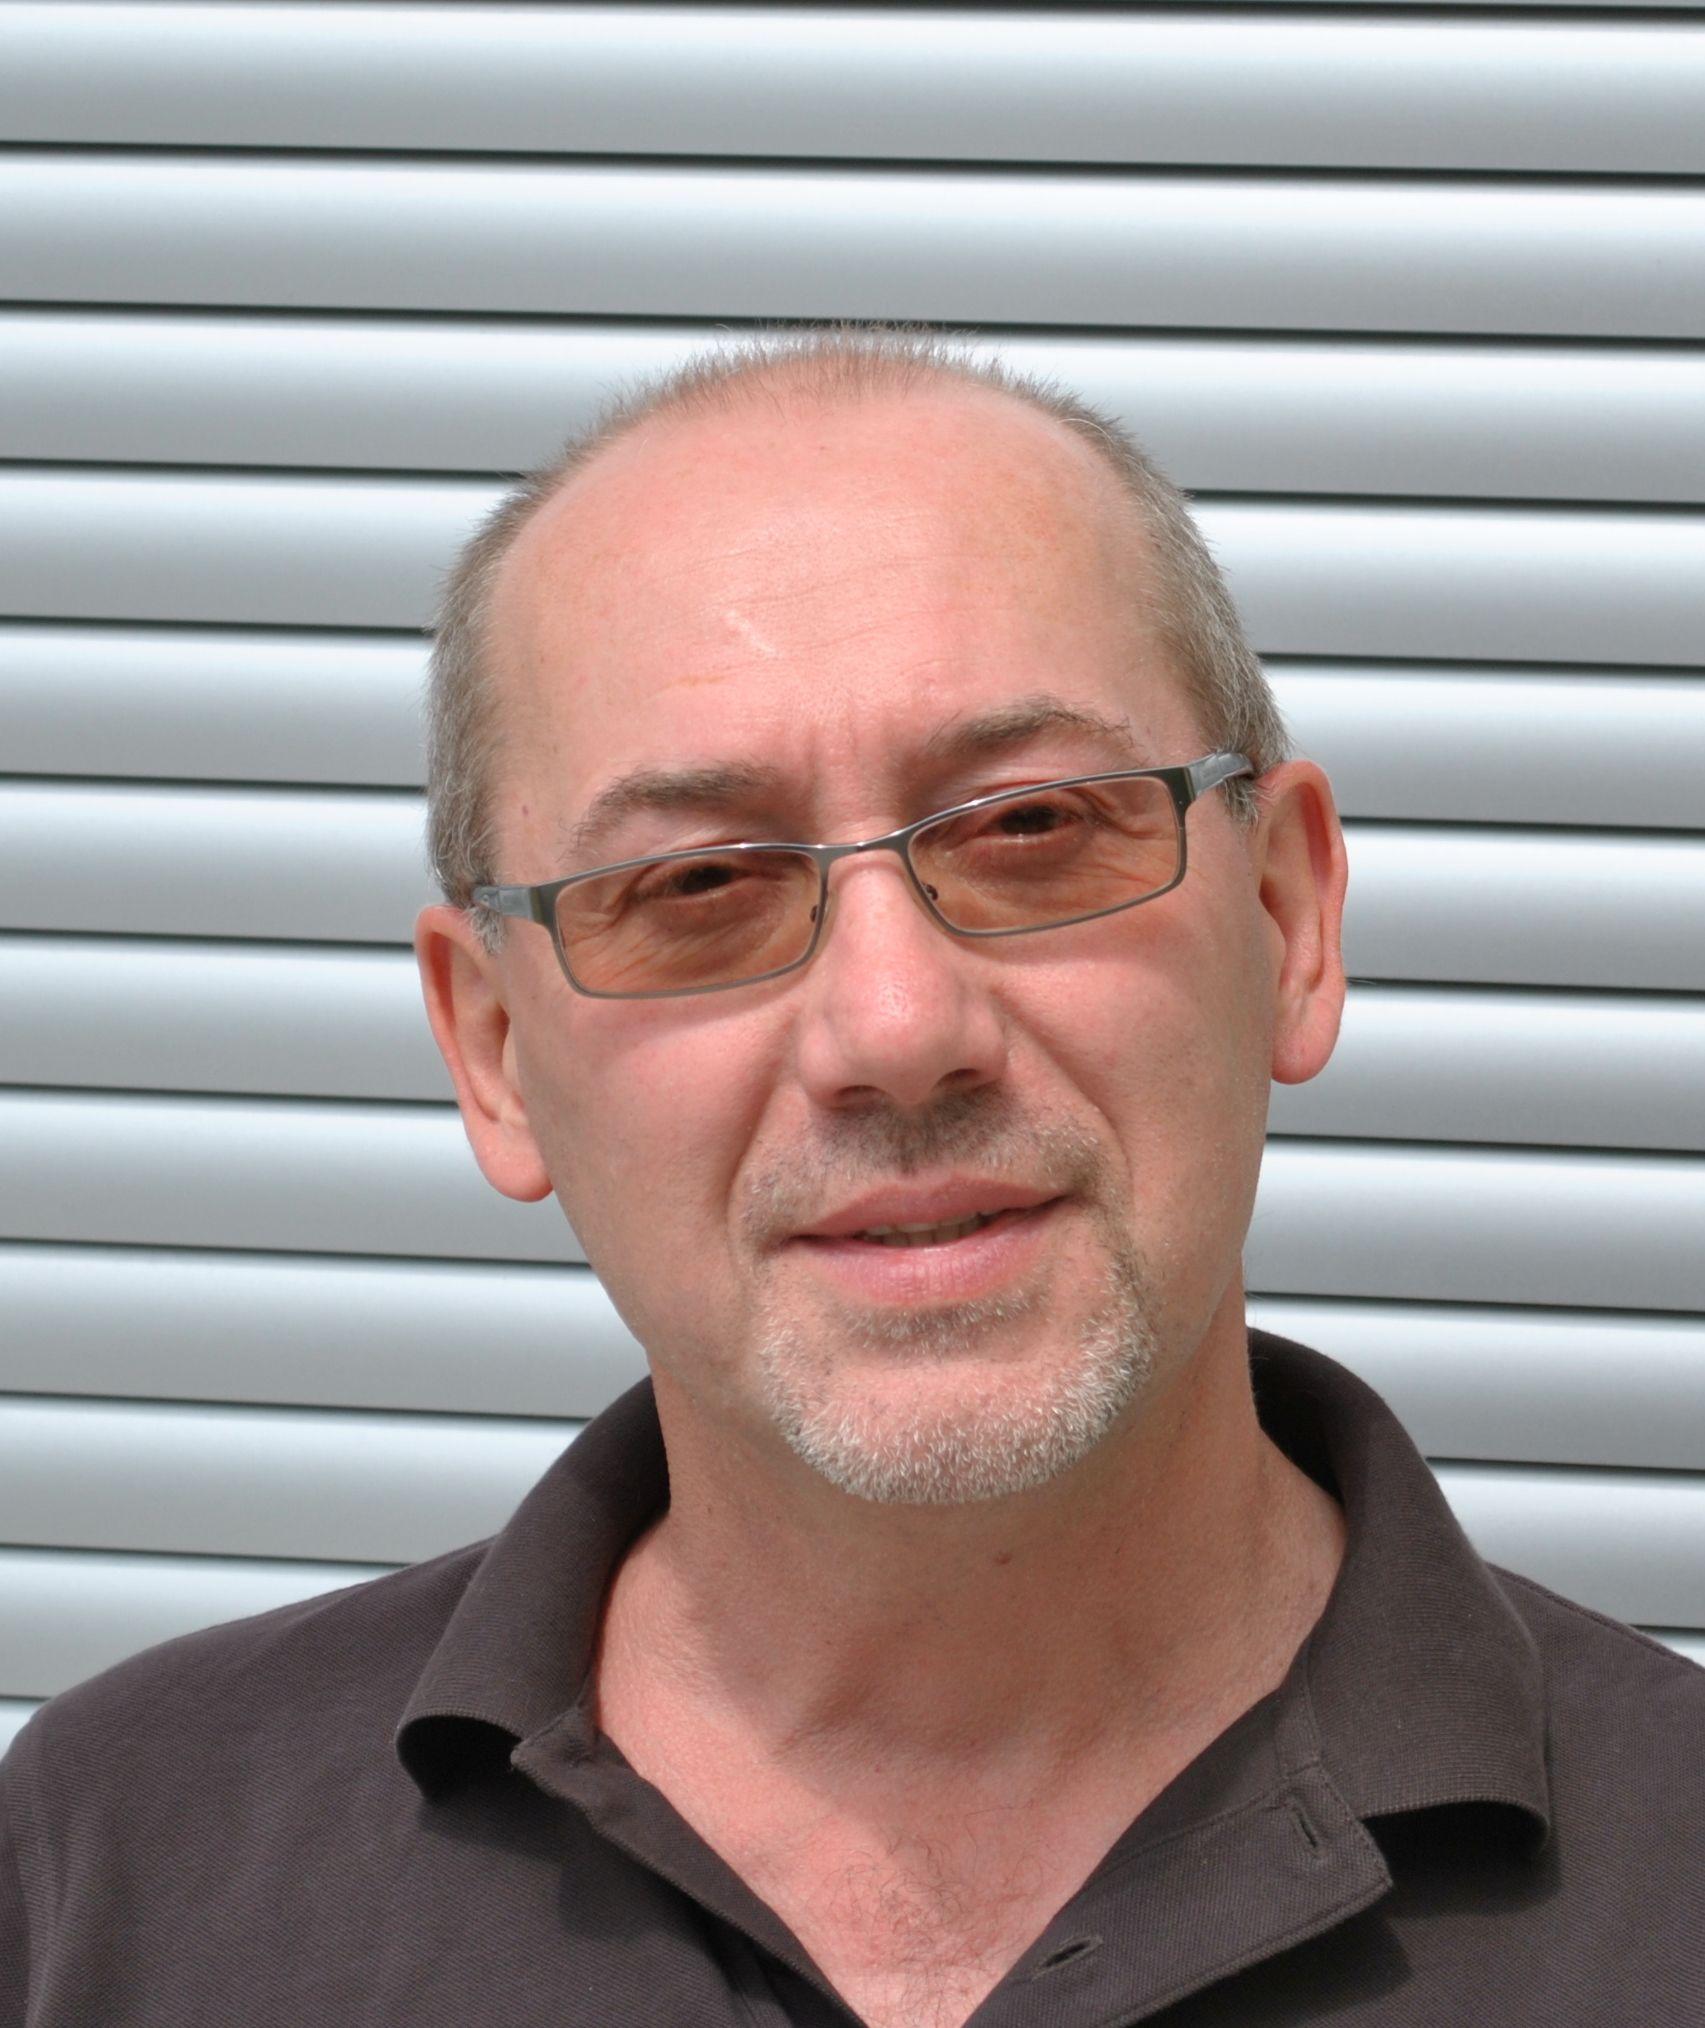 Privatpraxis Dr. Matthias Kaul